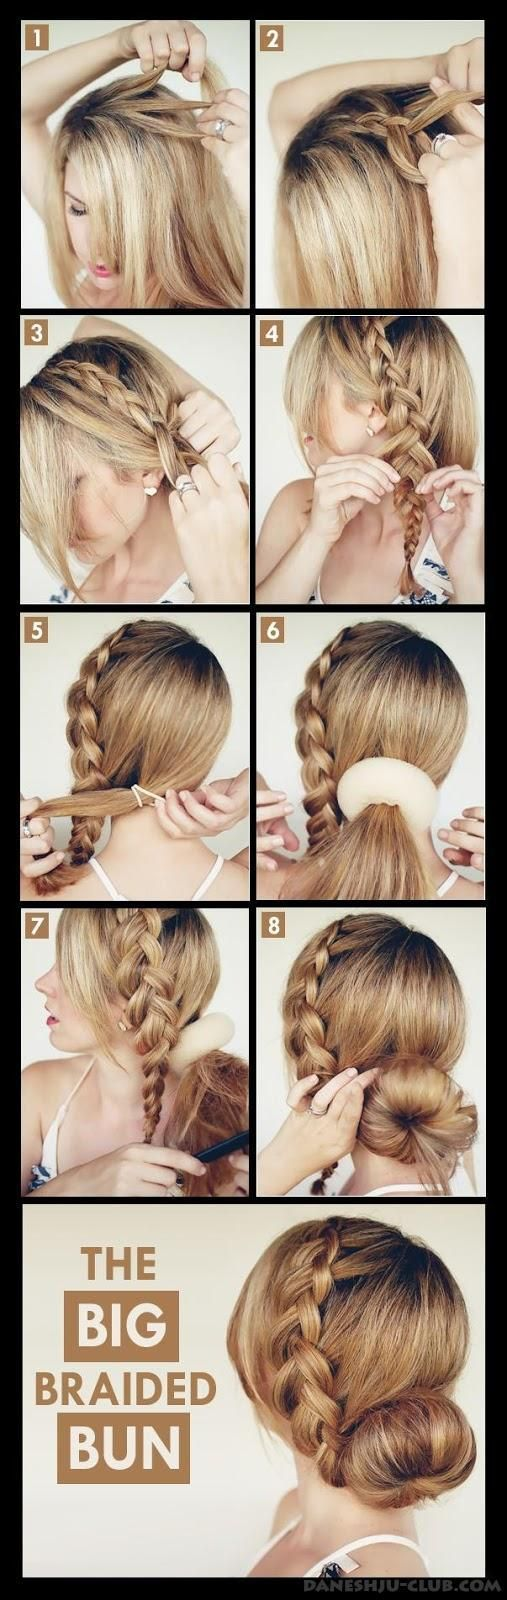 hermosas ideas y tutoriales para trenzas peinados pinterest